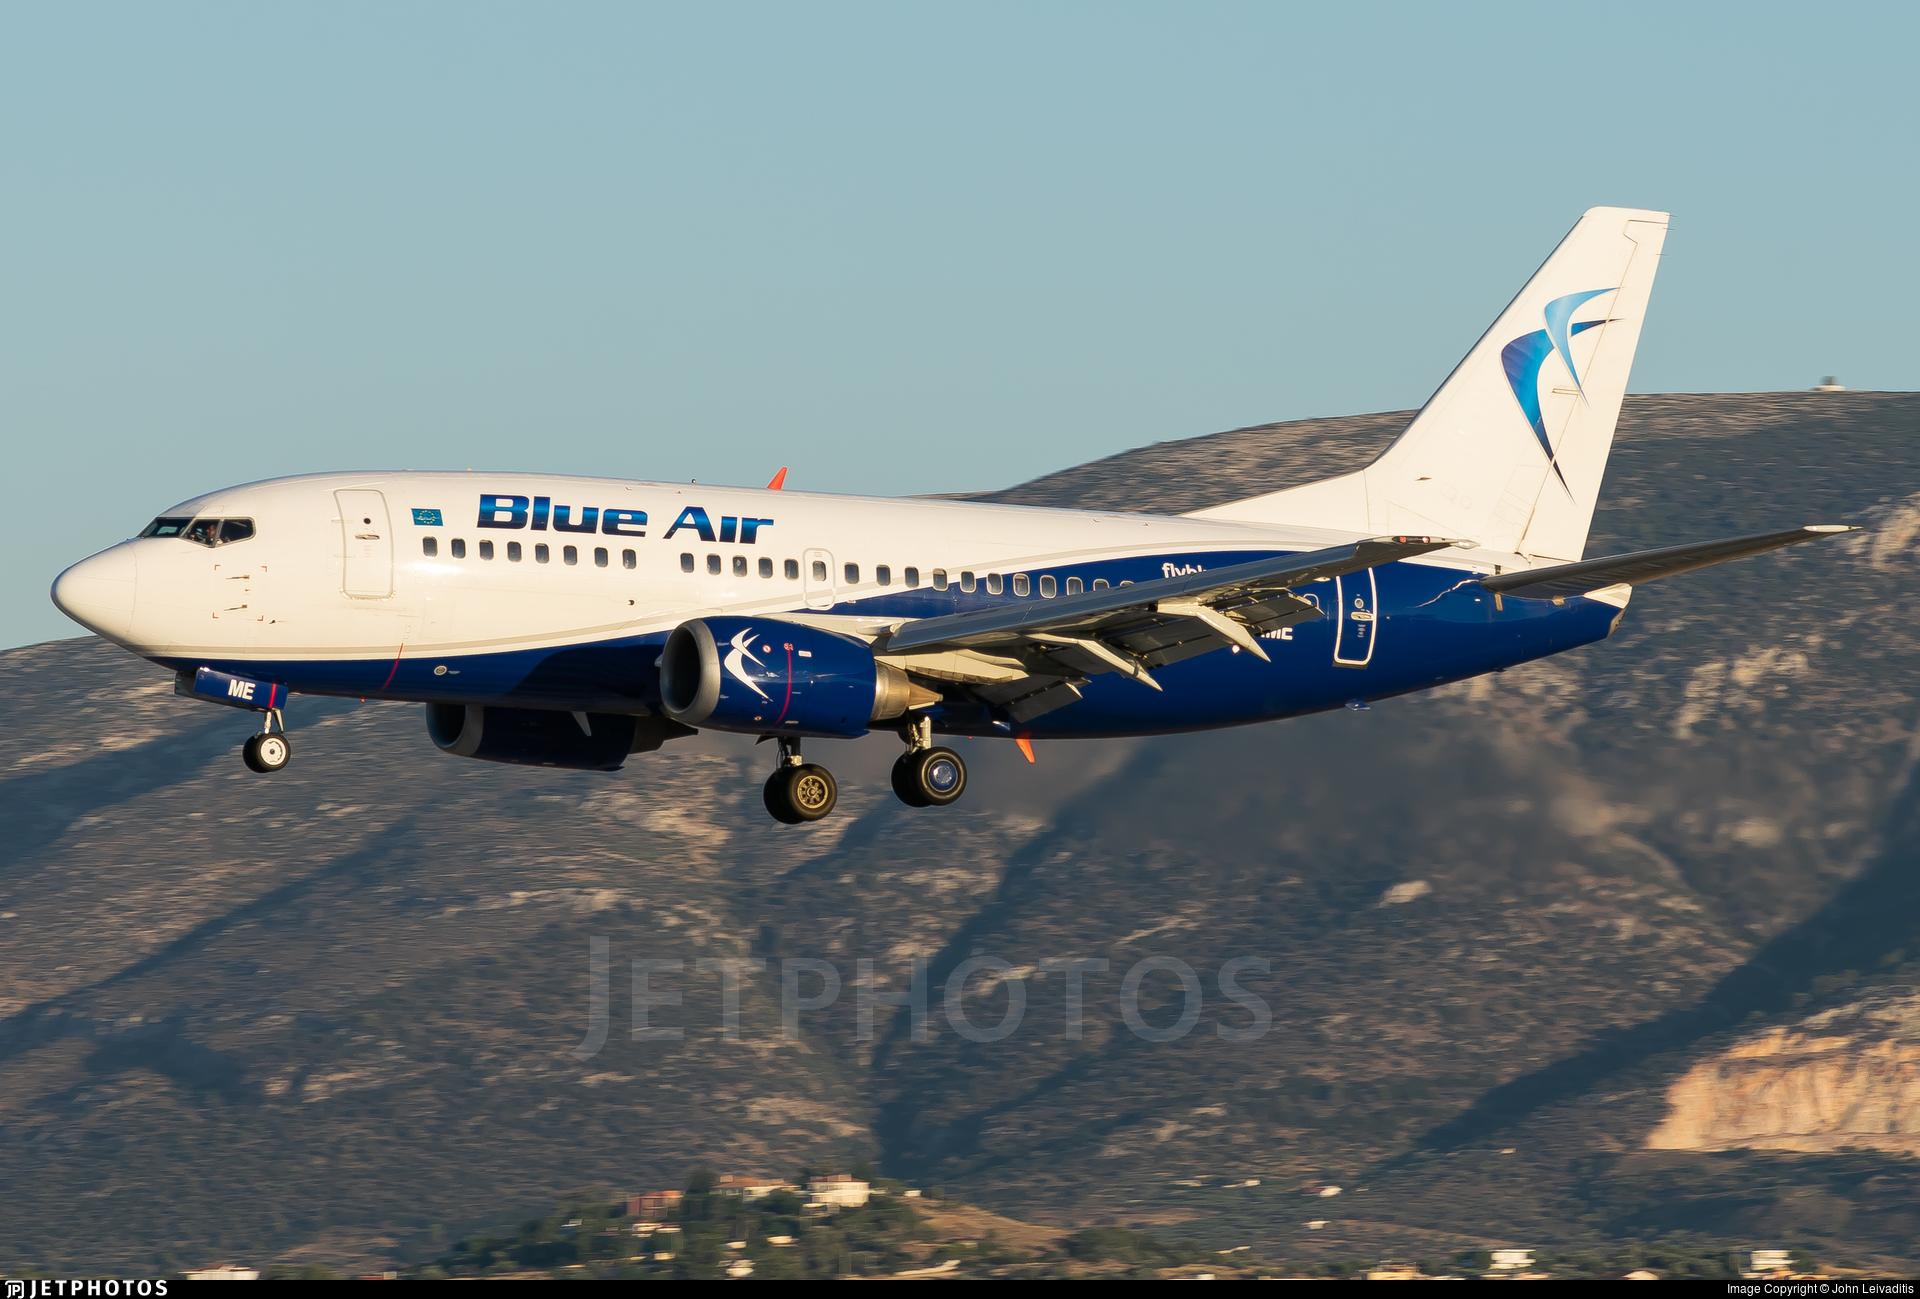 YR-AME - Boeing 737-530 - Blue Air